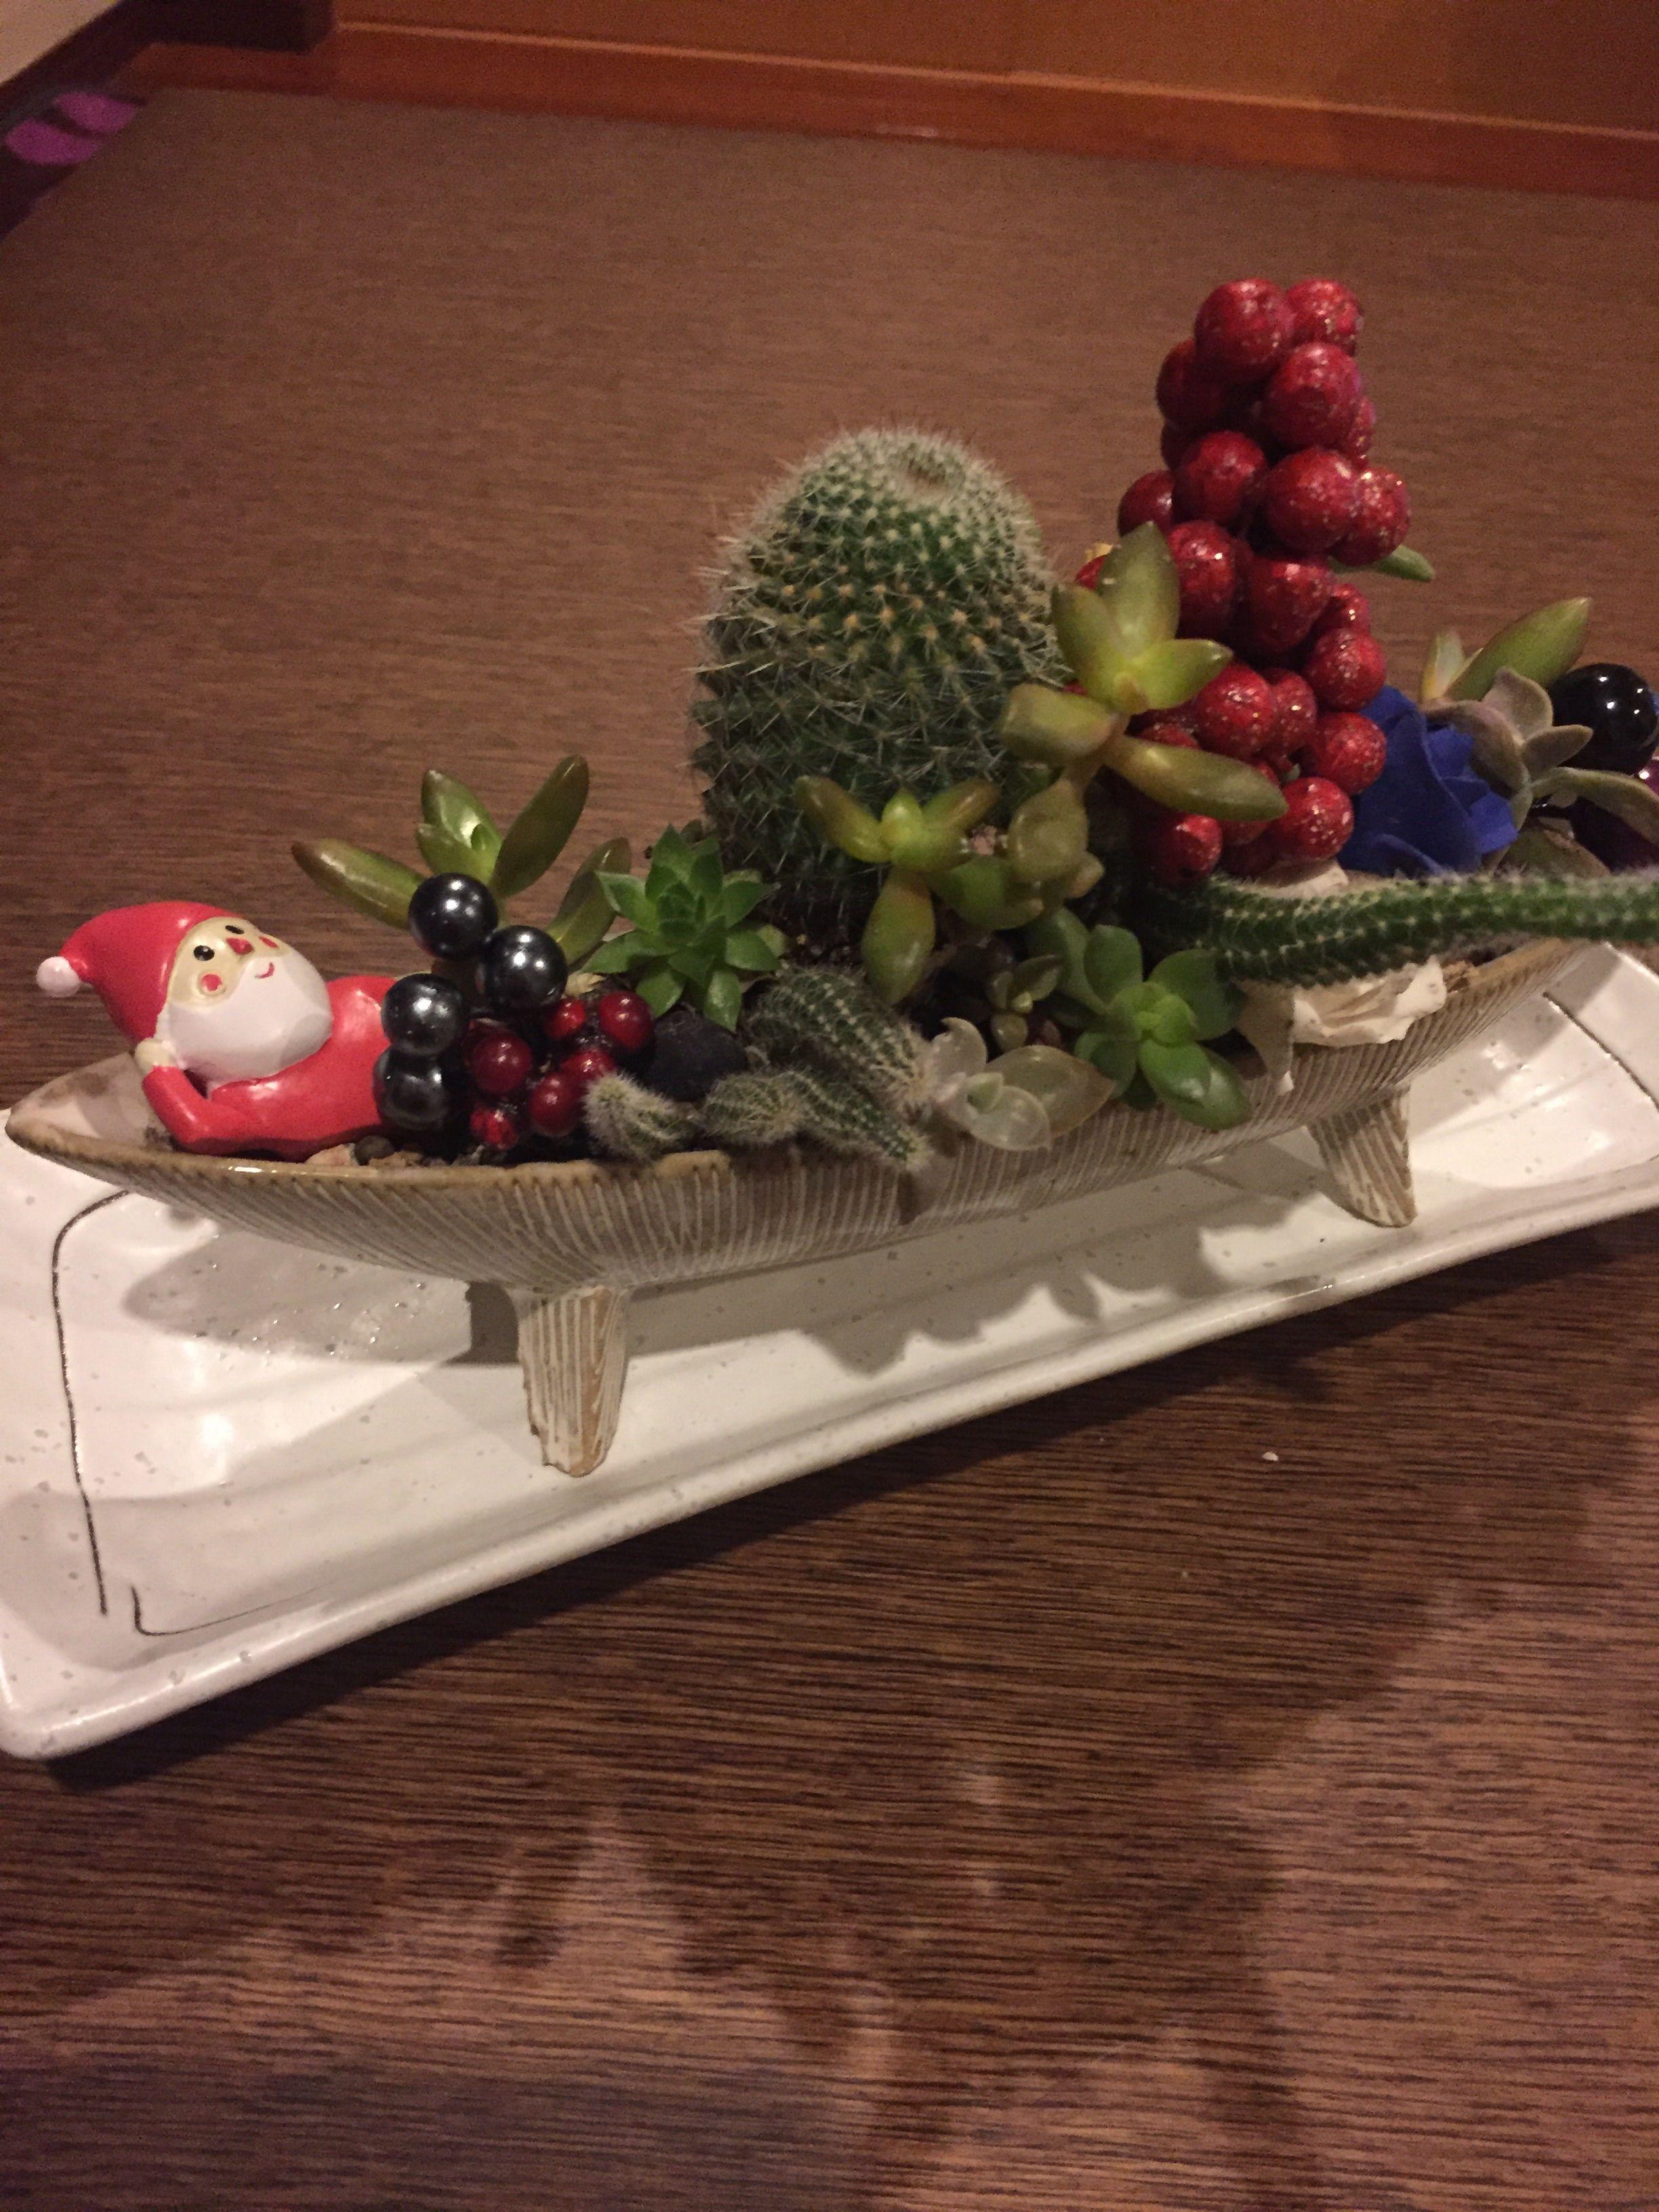 サボテンと多肉の寄せ植え☆クリスマスバージョン?